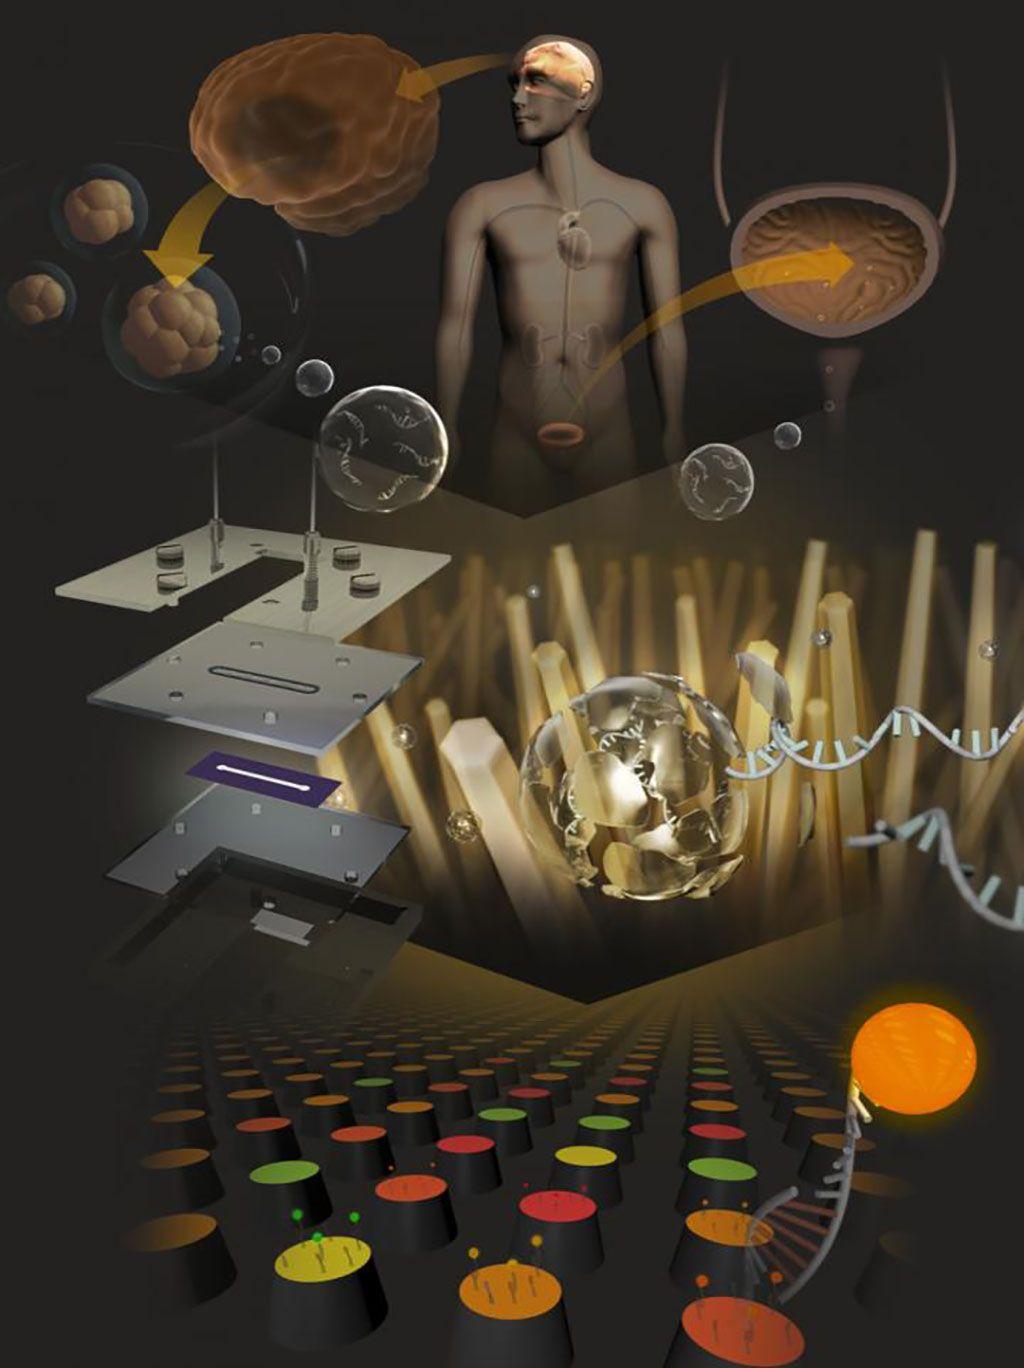 Imagen: Representación artística de andamios de nanocables para la detección de microARN urinarios de pacientes con tumores del sistema nervioso central (Fotografía cortesía de Takao Yasui y Atsushi Natsume, Universidad de Nagoya)